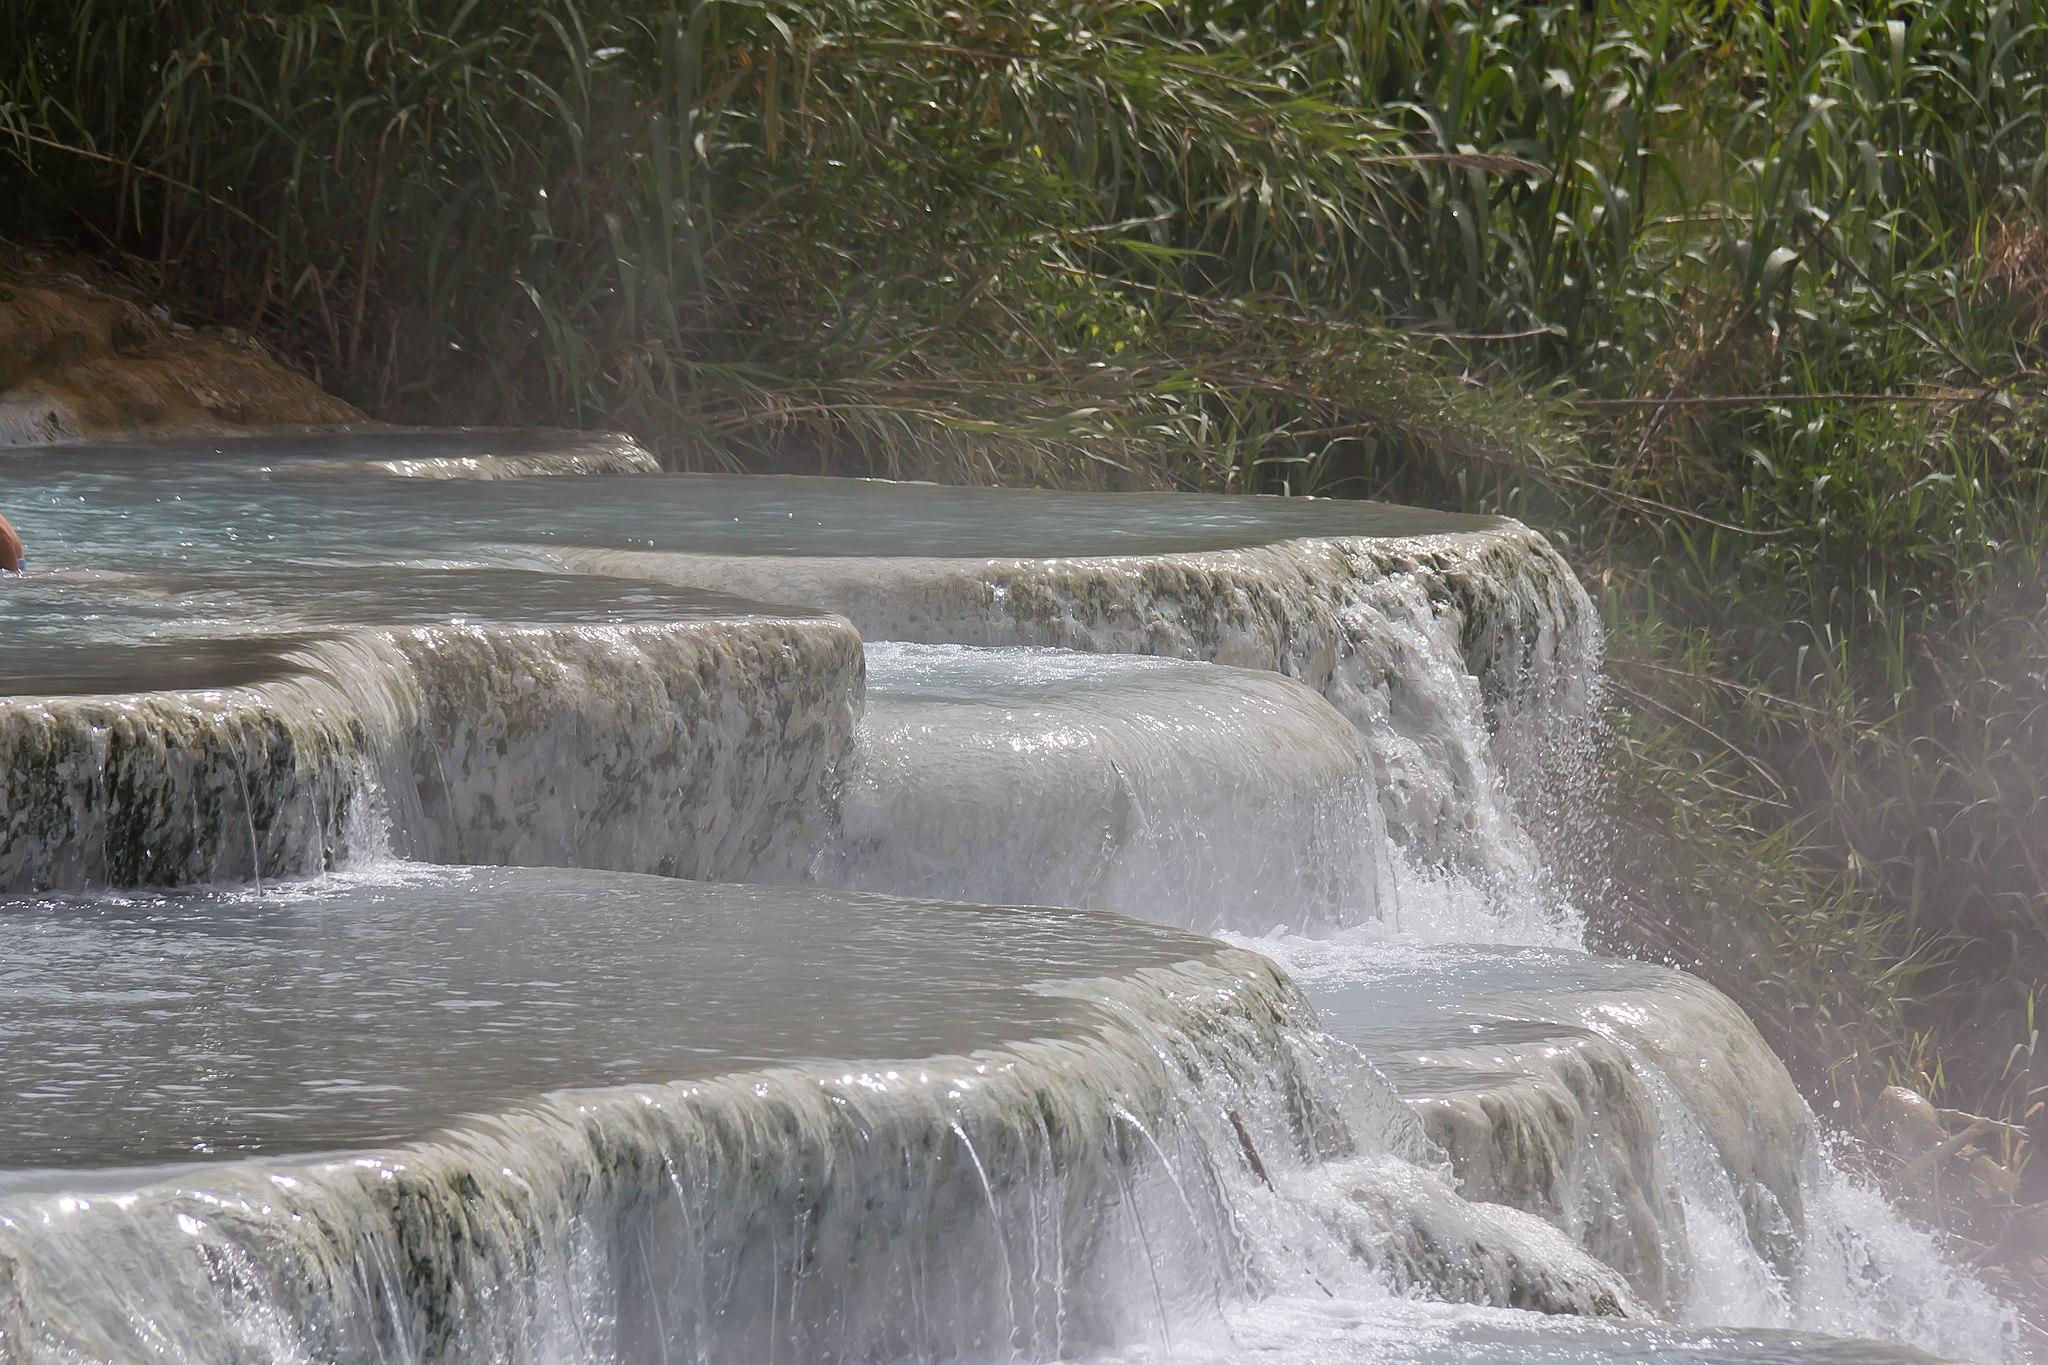 Terme di Saturnia, Cascate del Mulino o Cascate del Gorello